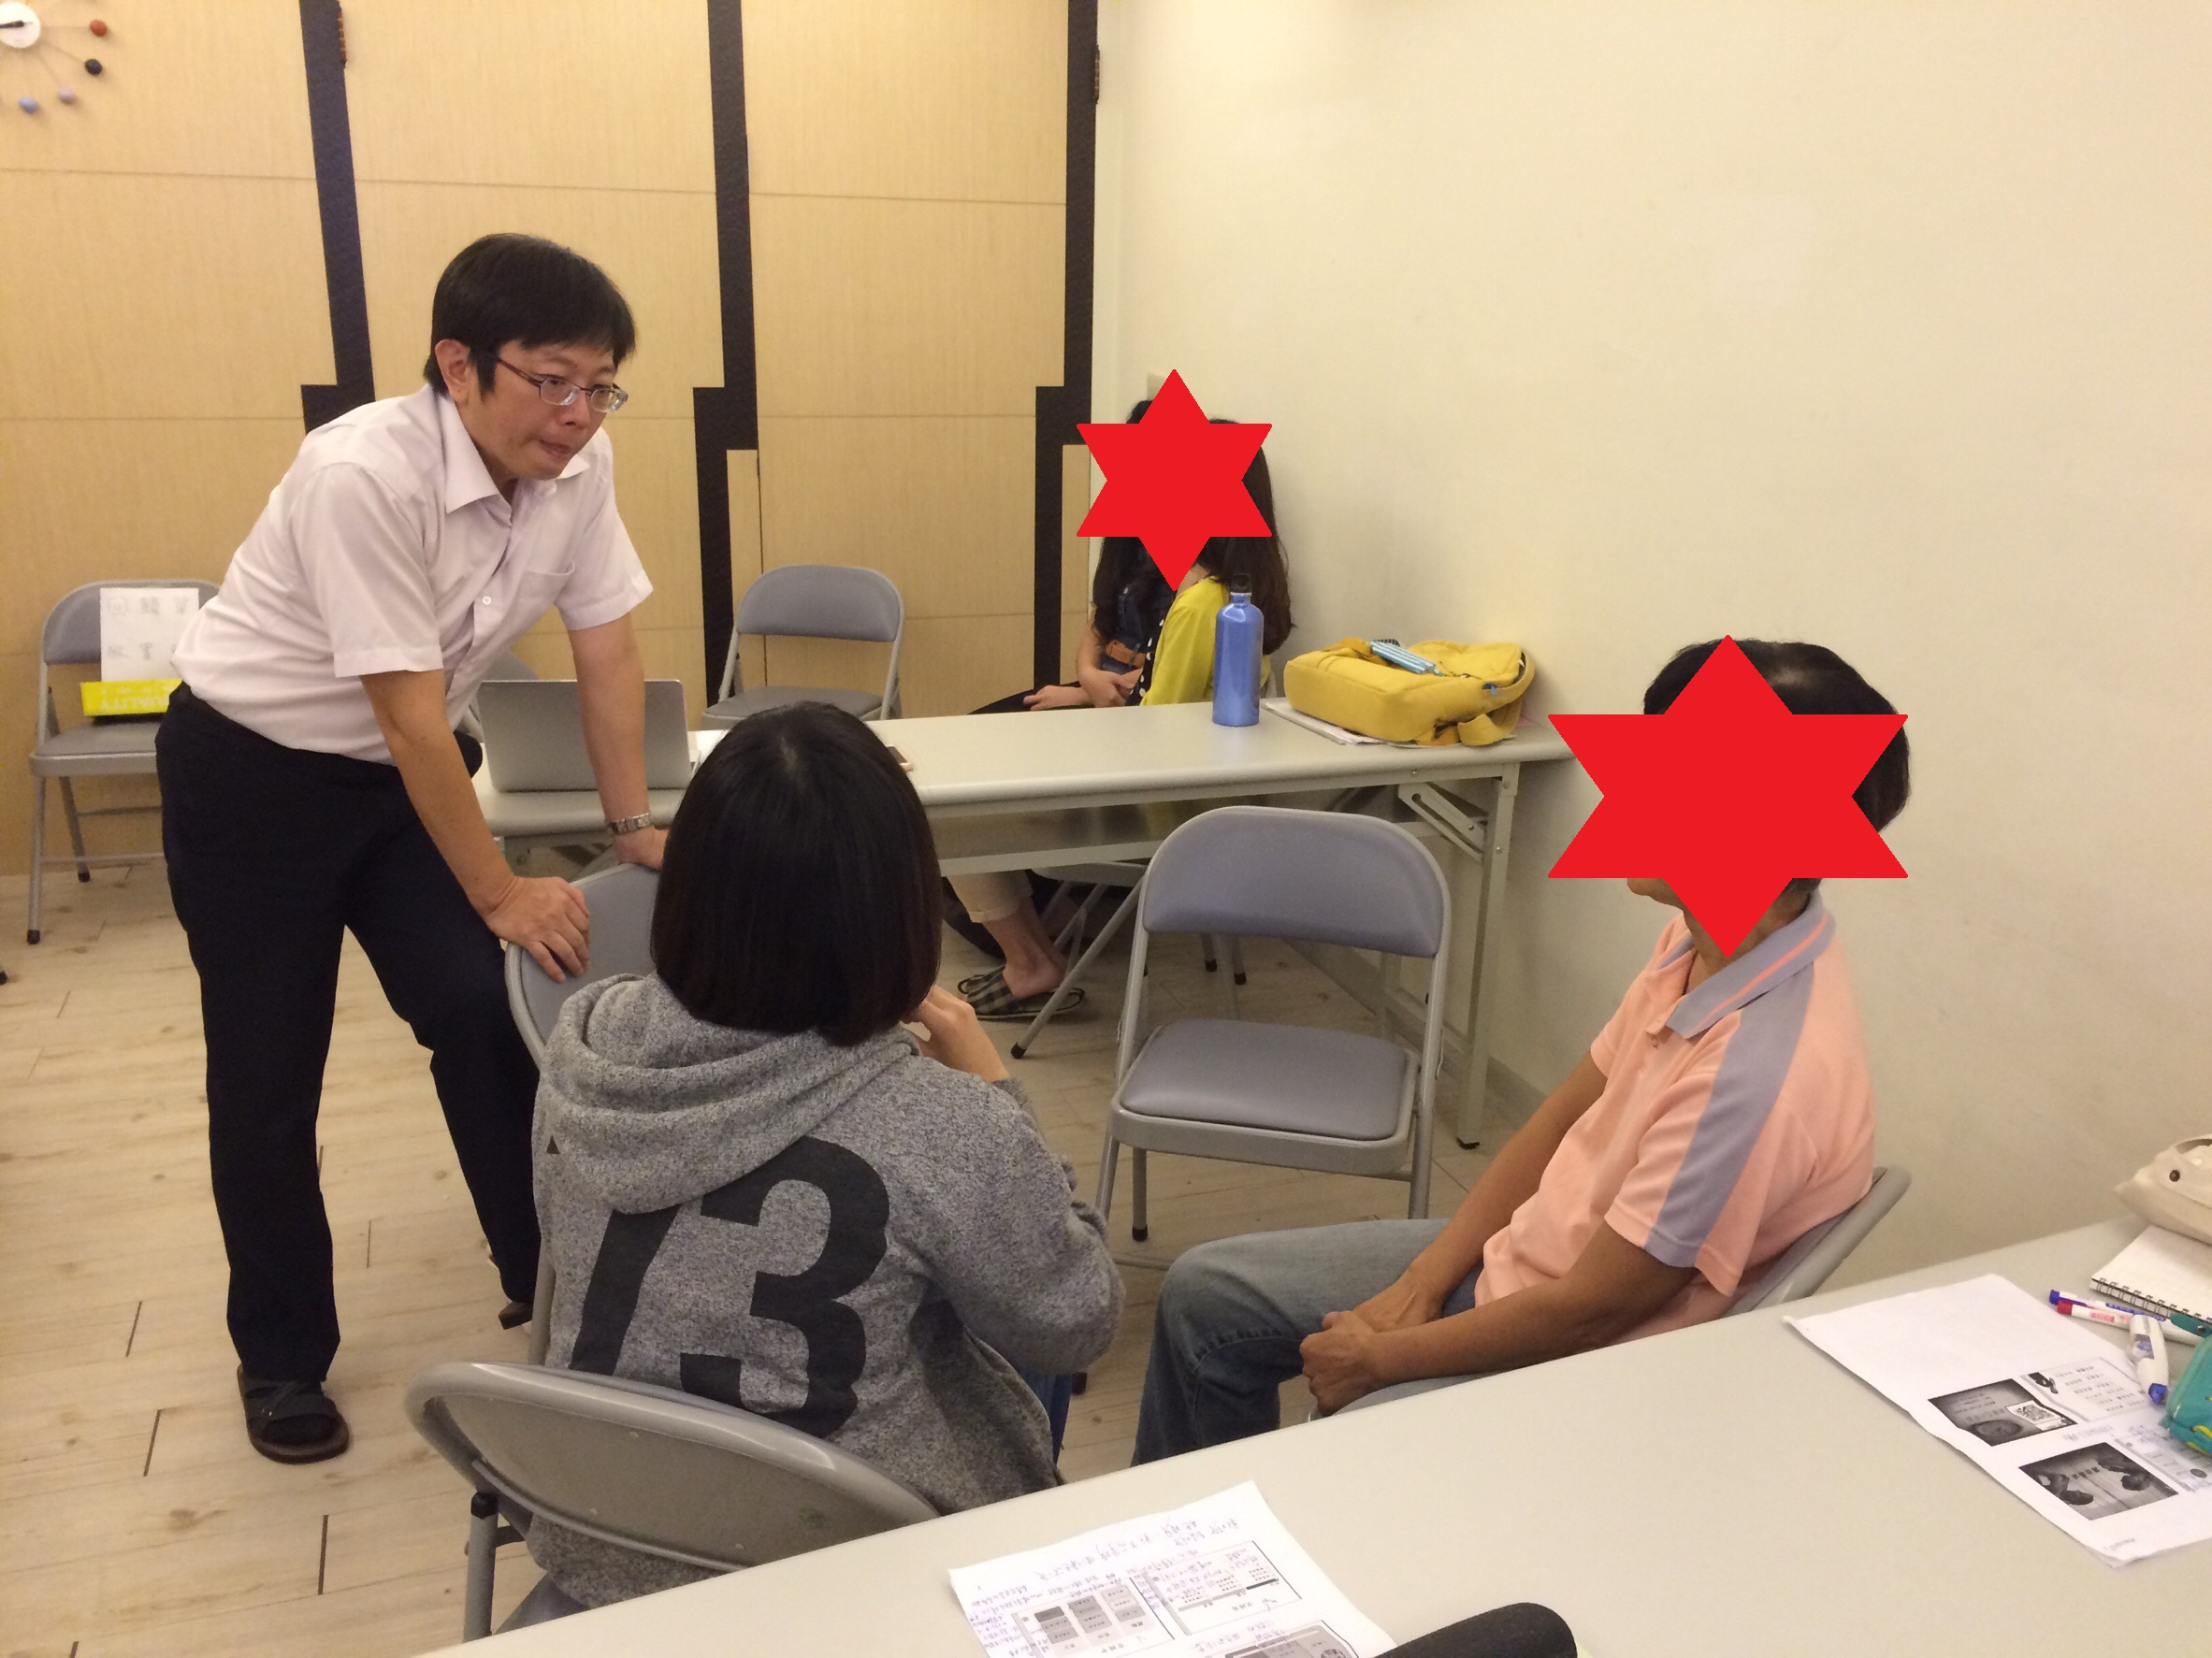 【個別諮商中的空椅子】 -- 心理劇與完形的應用